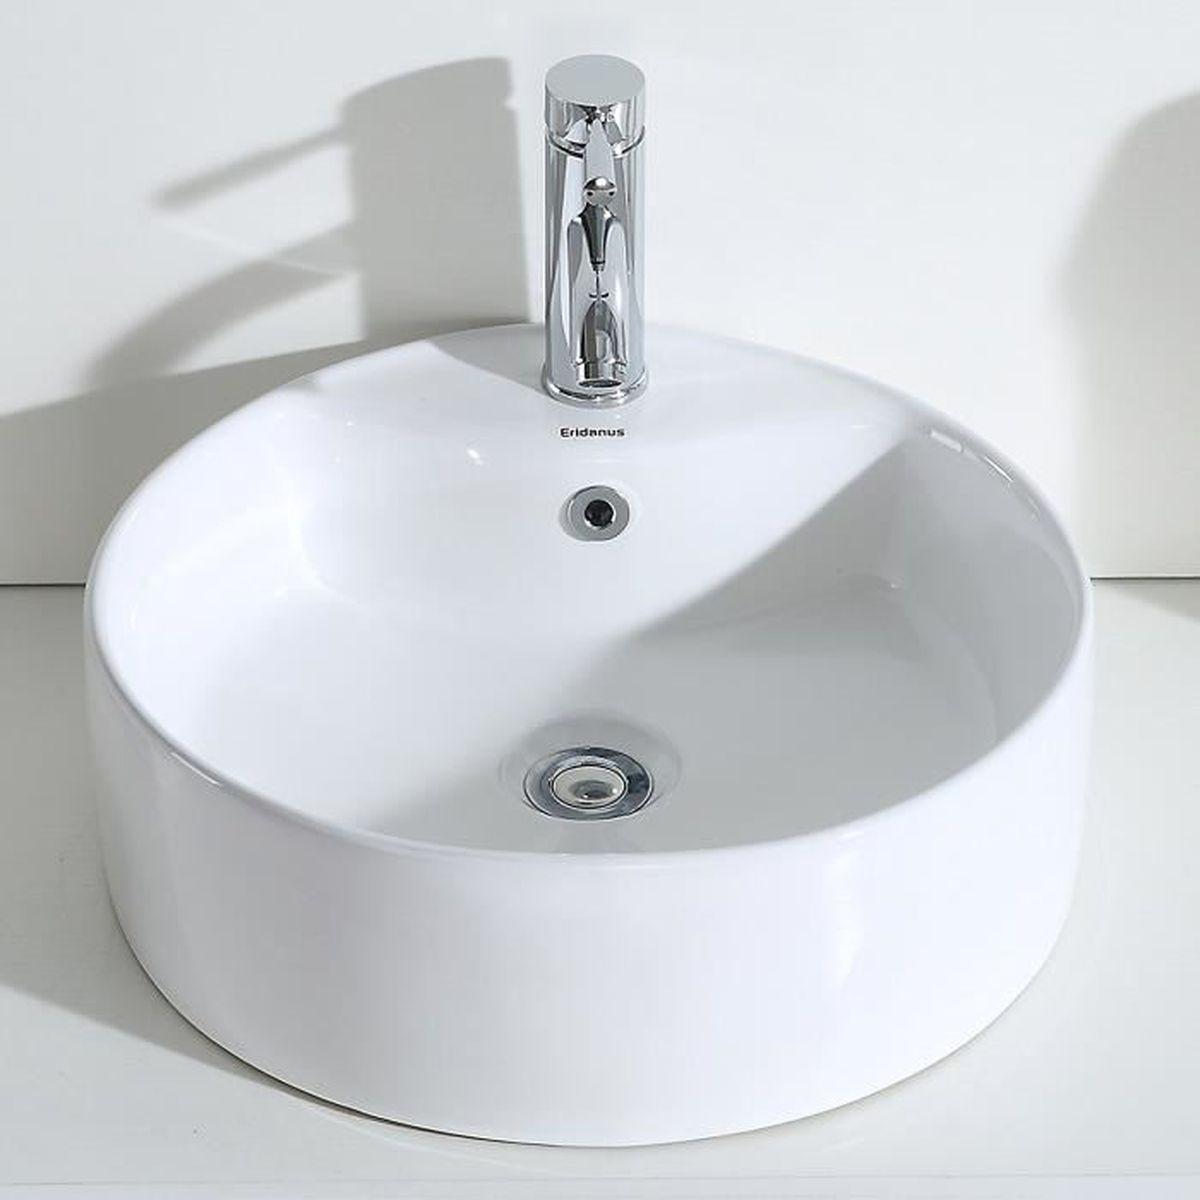 Eridanus S/érie Margot Vasque /à Poser Suspendu Salle de Bain Rectangulaire Lavabo en C/éramique Lave-Mains L43*L31*H13cm